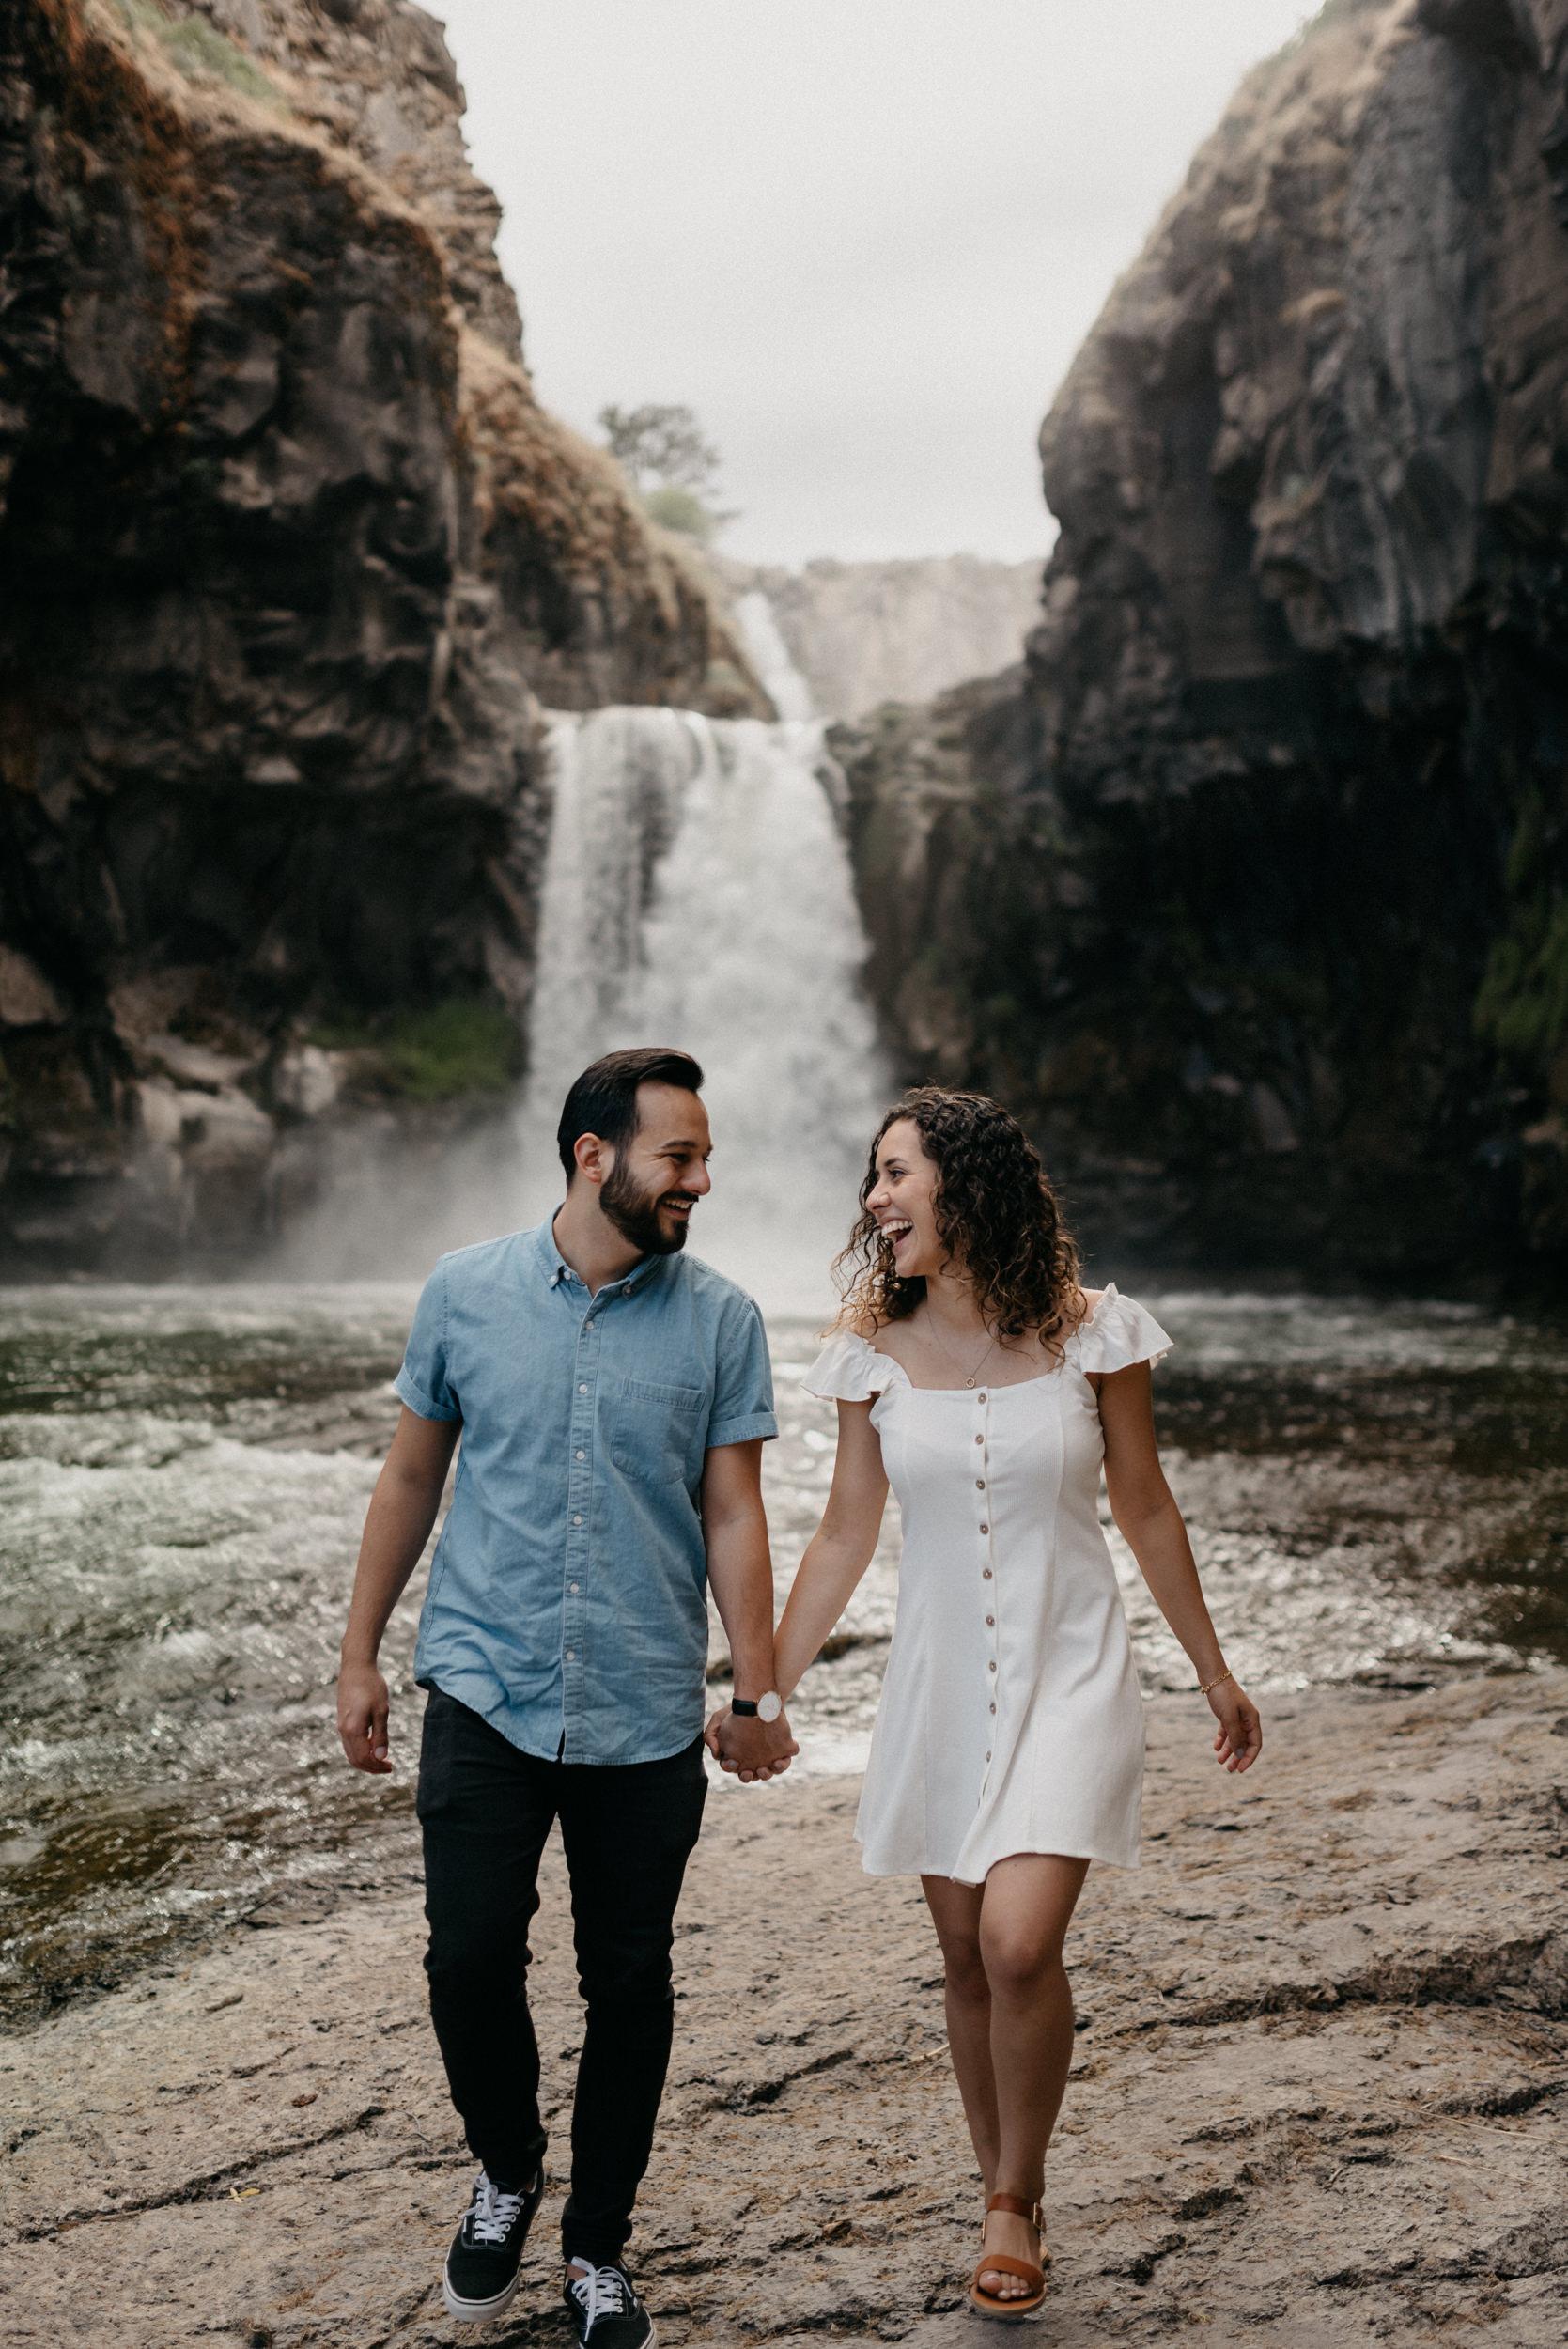 23-White-river-falls-state-park-engagement-5741.jpg